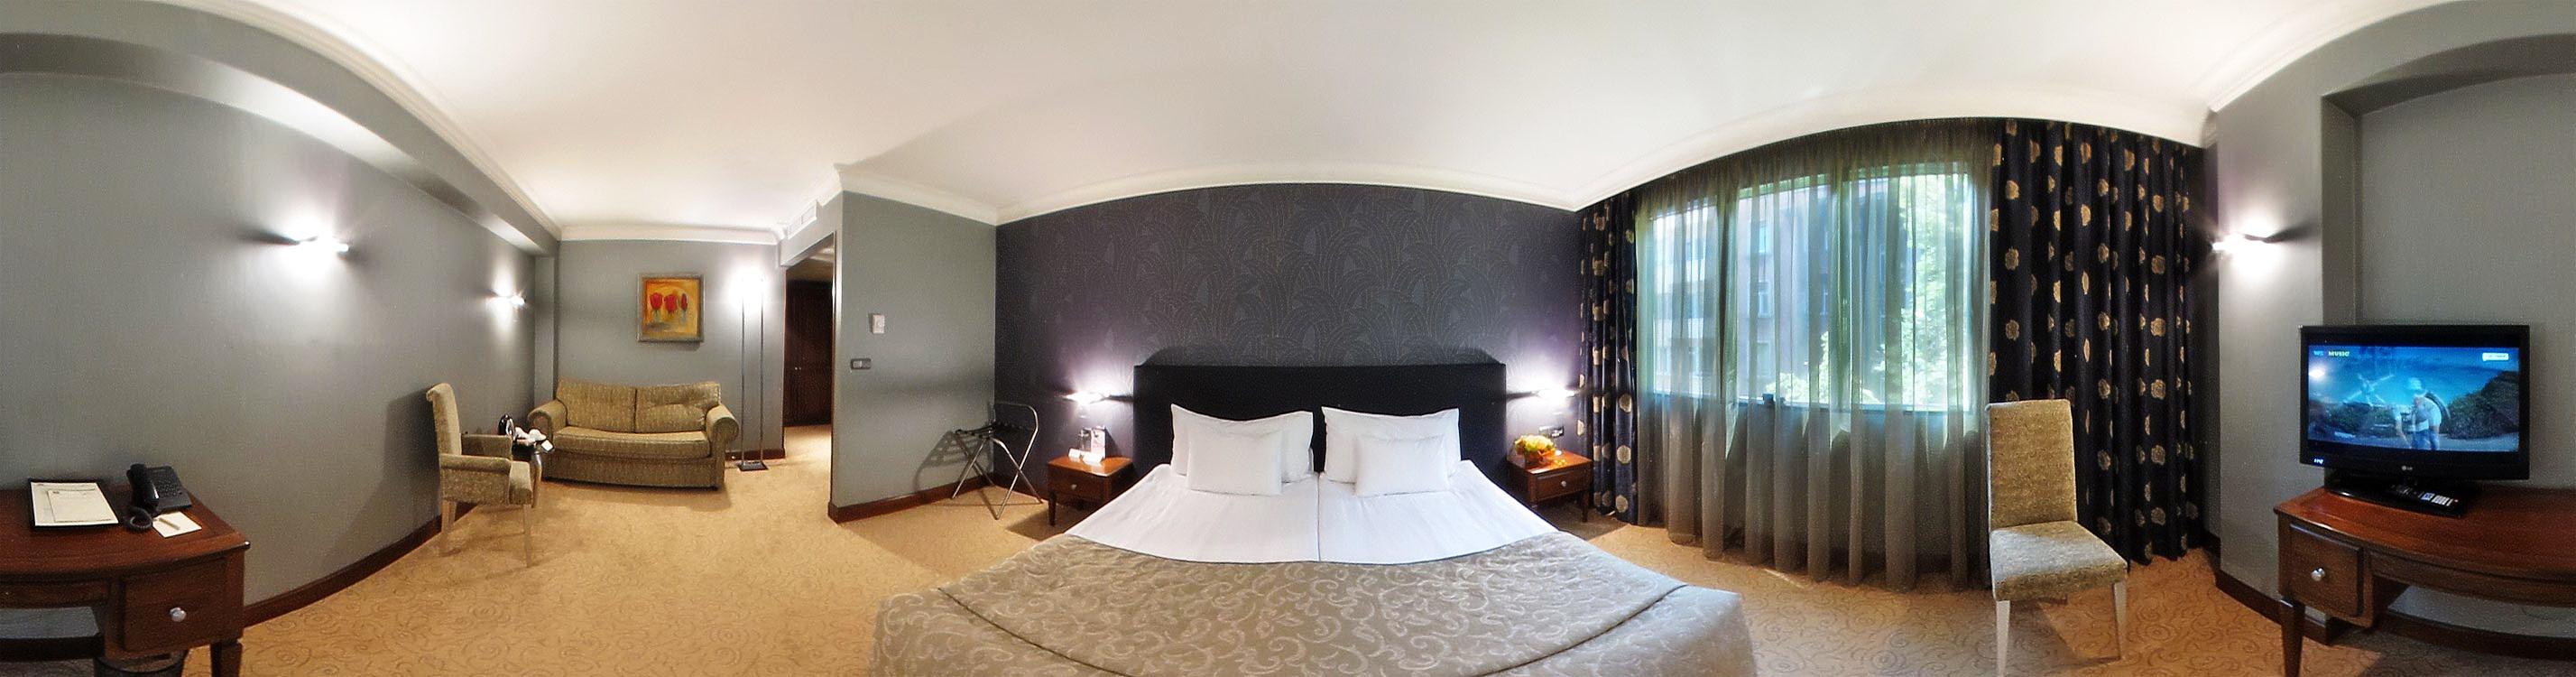 ベスト ウェスタン プレミア トラキア ホテル